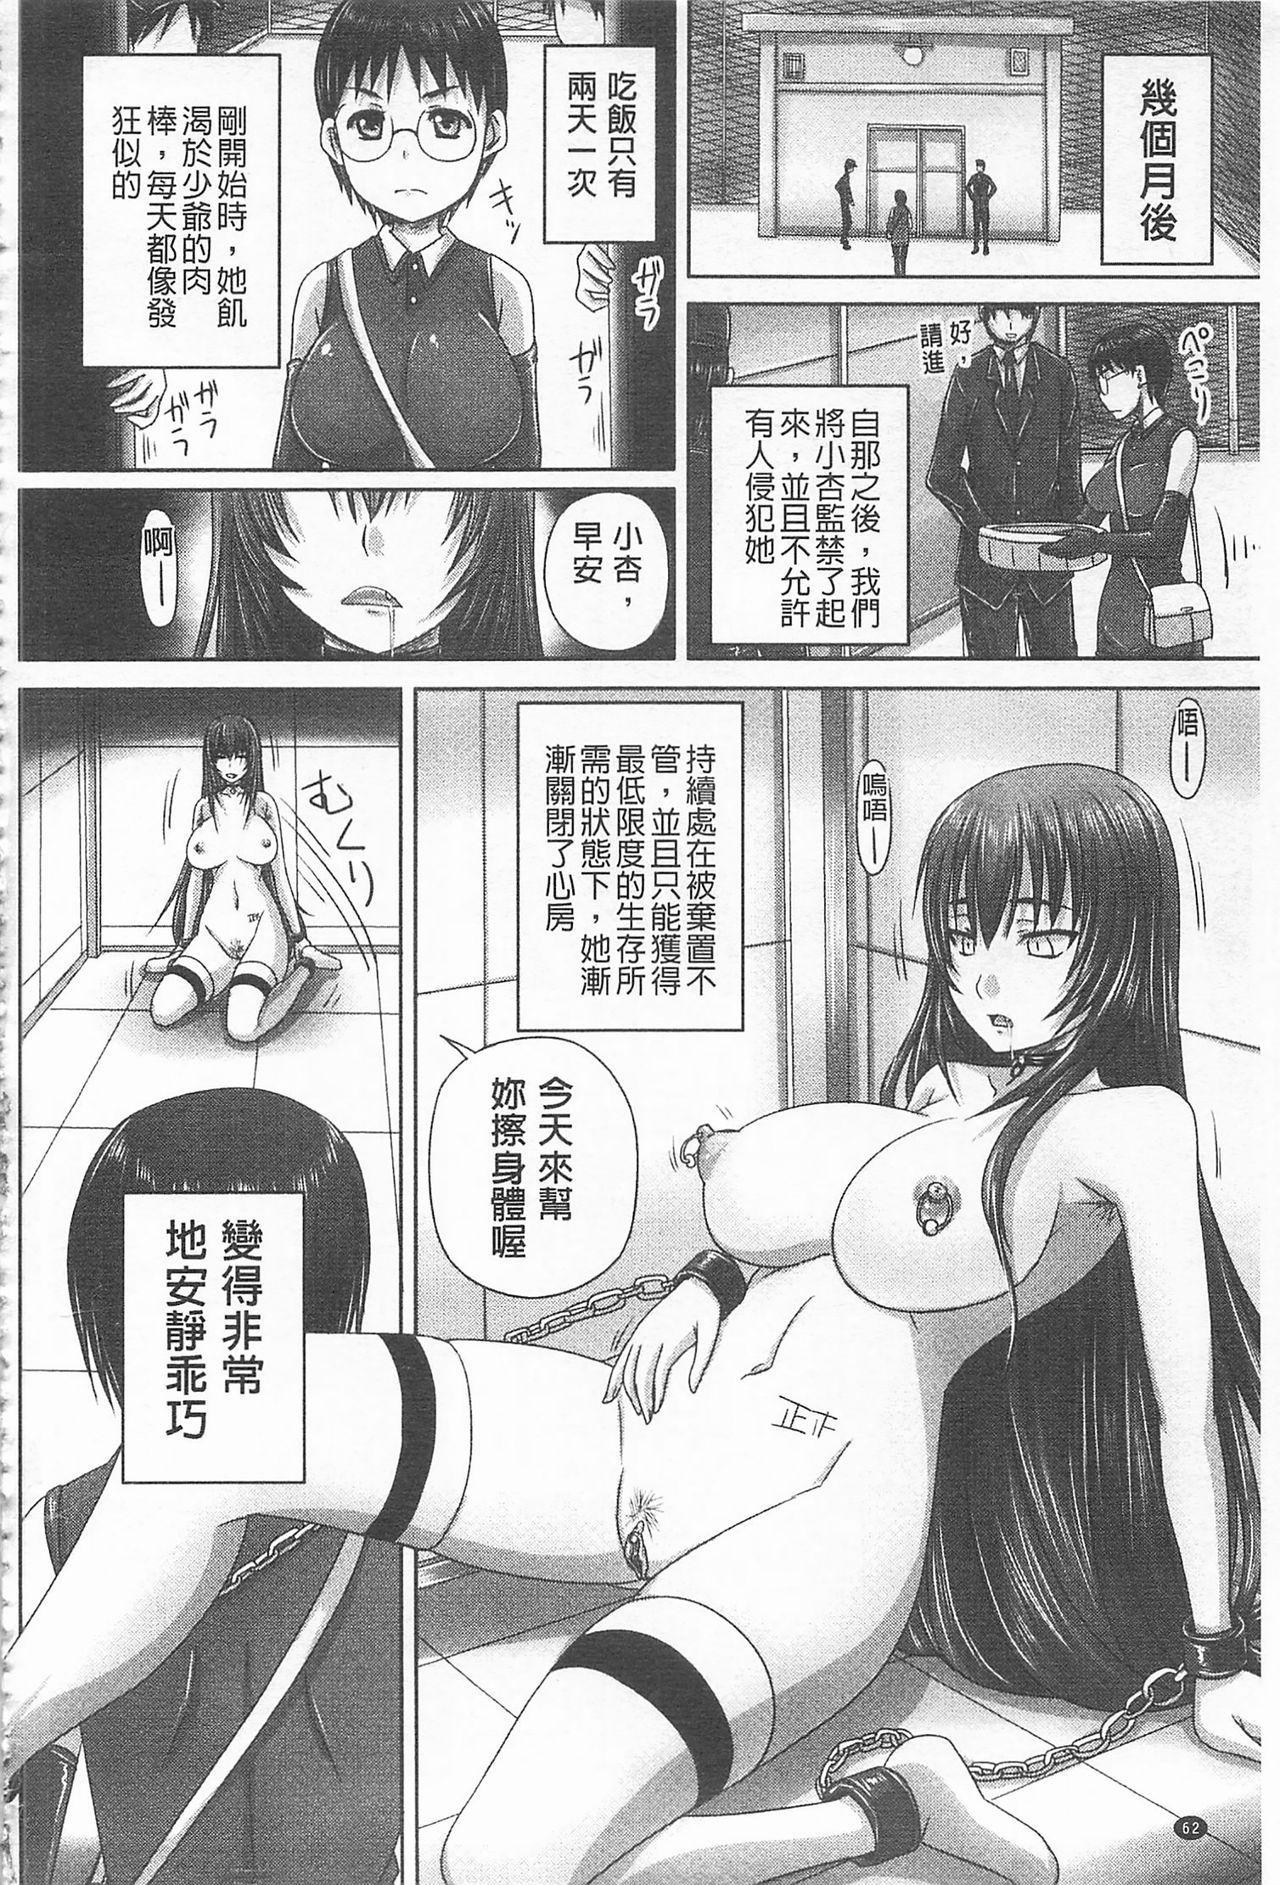 [Nozarashi Satoru] Do S na Hime wa Kegasareru -Inga no Shou- | 超S的公主被玷汙了 ~因果之章~ [Chinese] 64